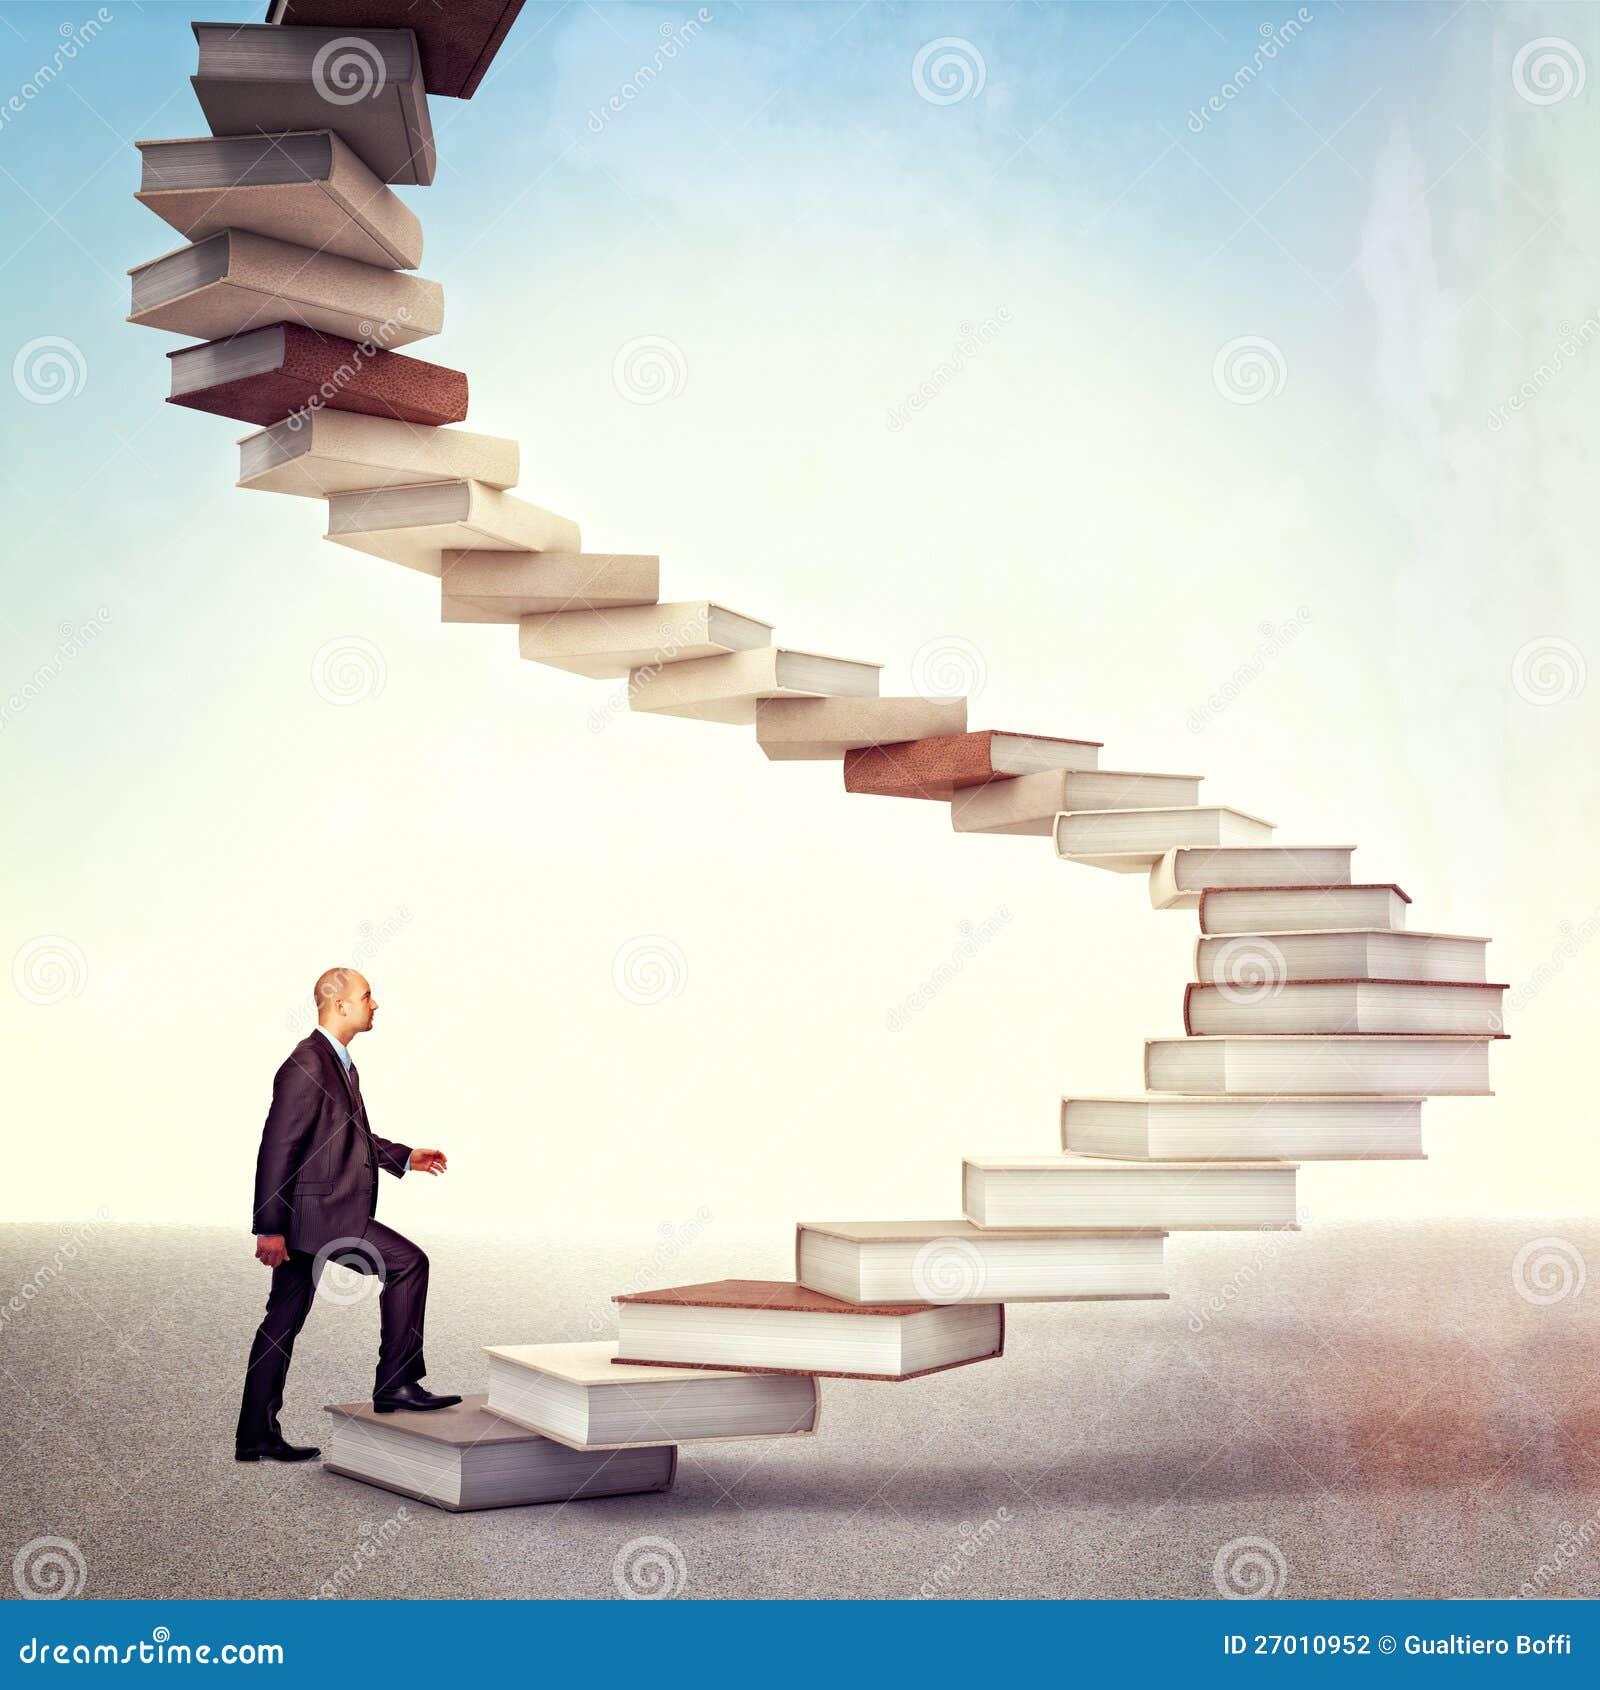 Книги о лестницах скачать бесплатно